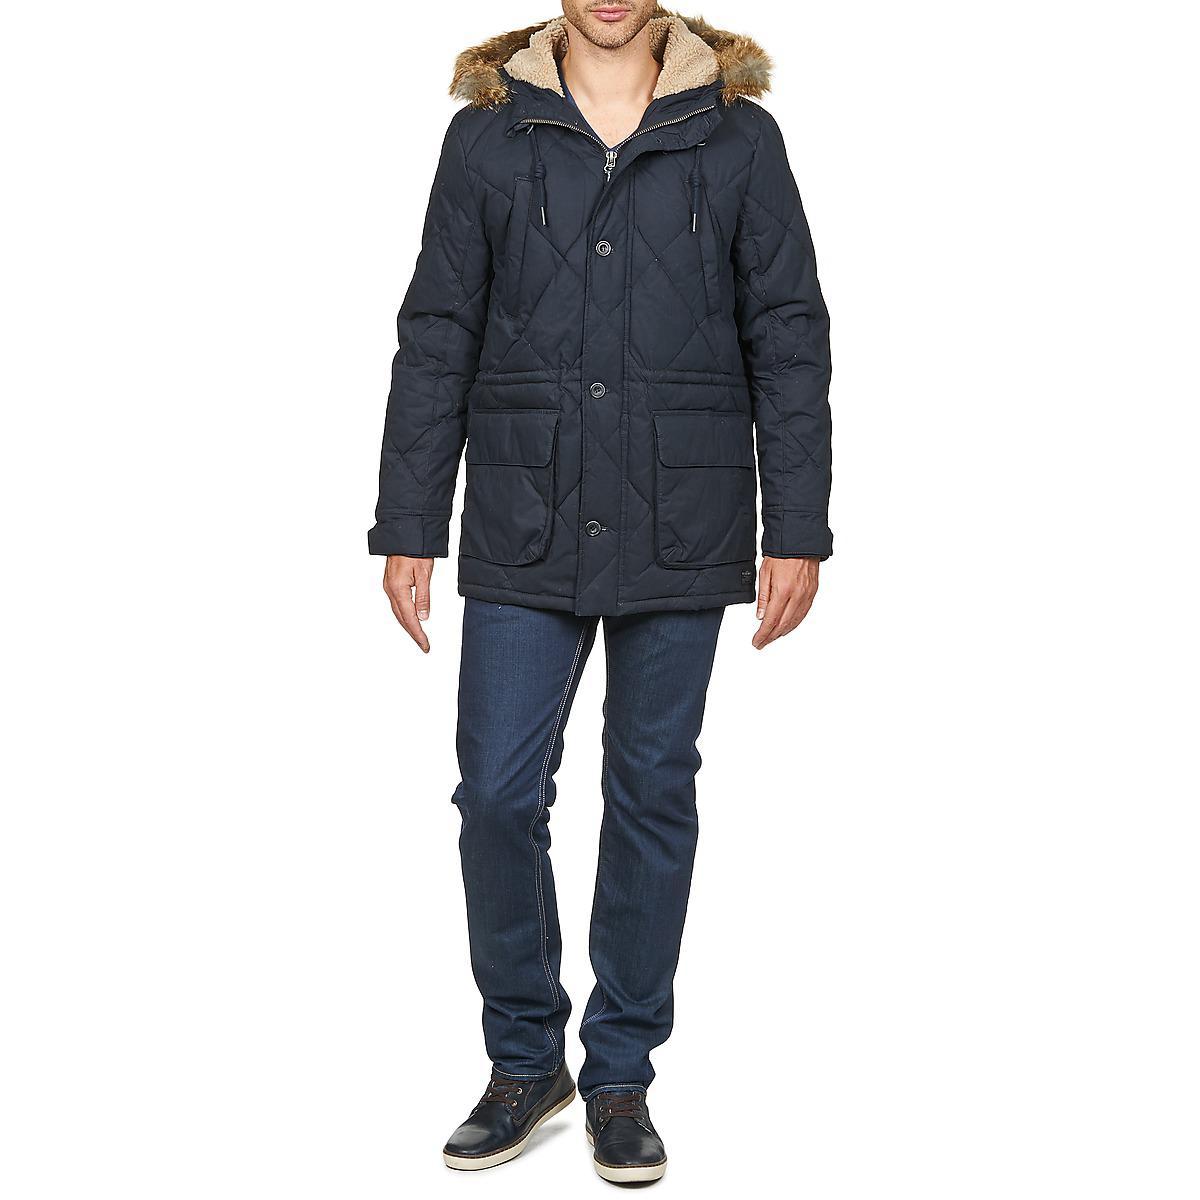 Lee Jeans Down Parka Parka in Blue for Men